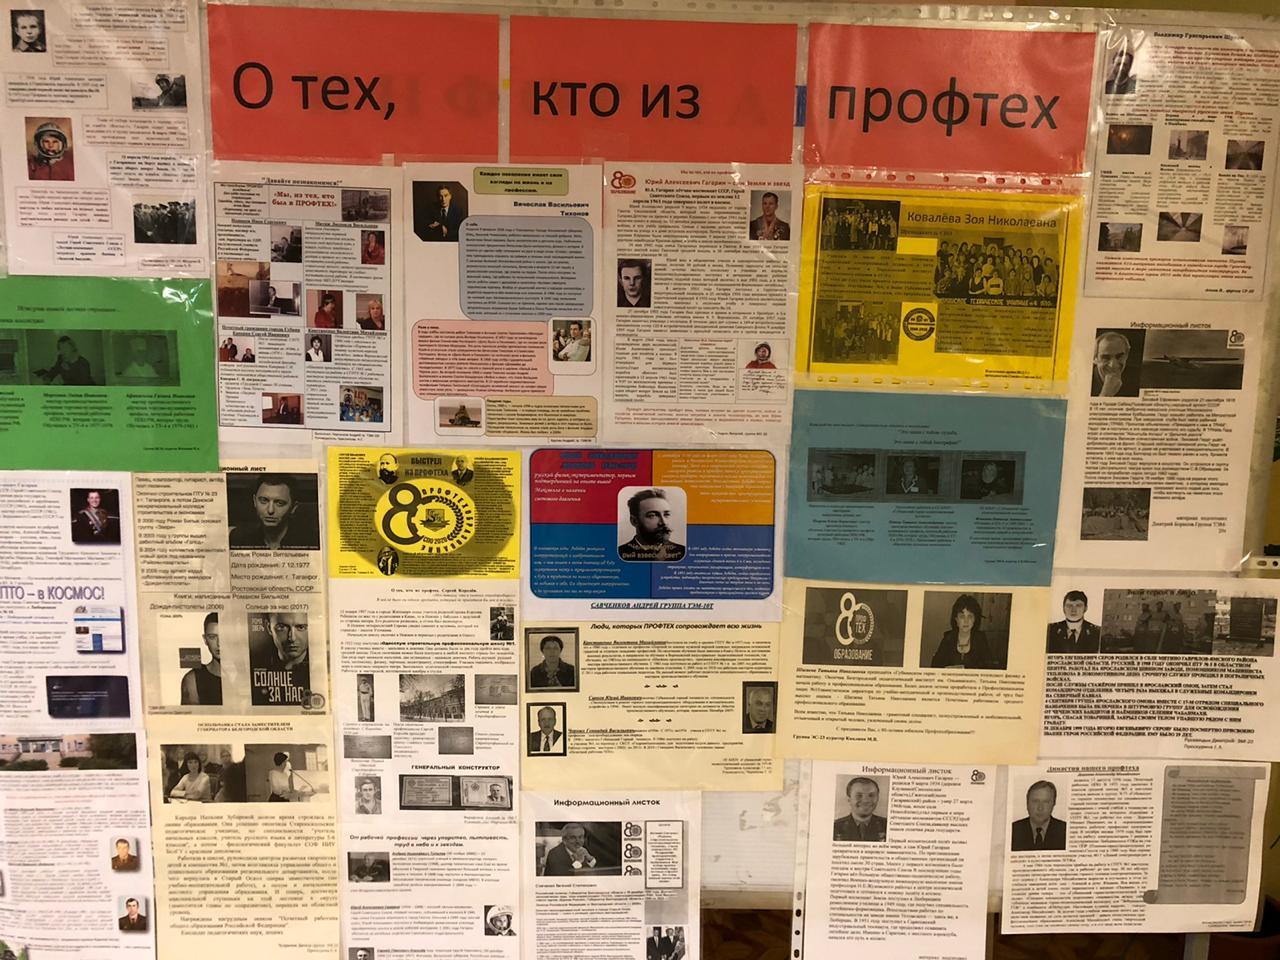 мероприятия посвященные 80-летию ПТО